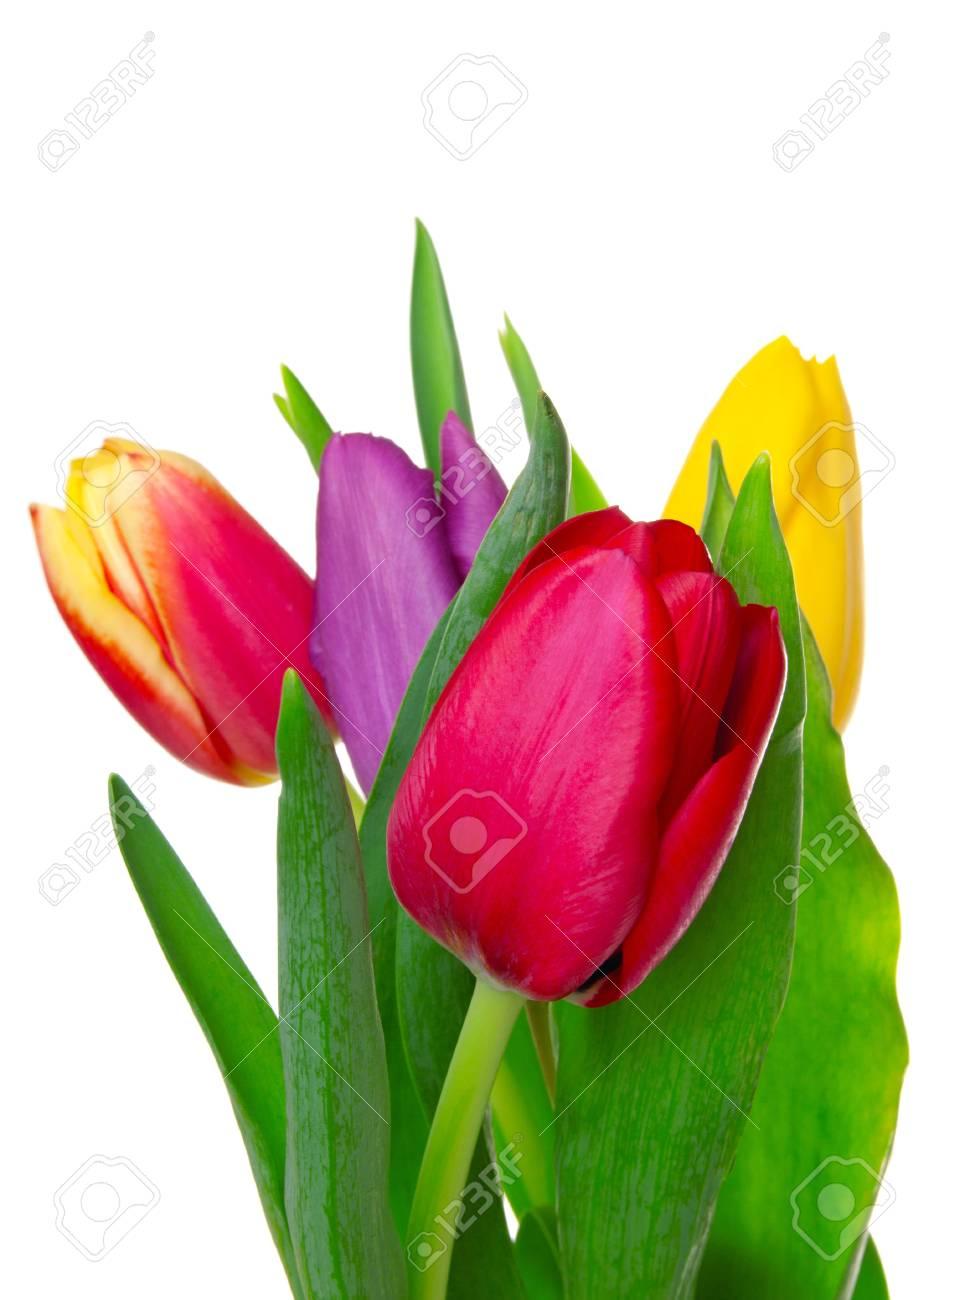 tulips on isolated background Stock Photo - 11989608